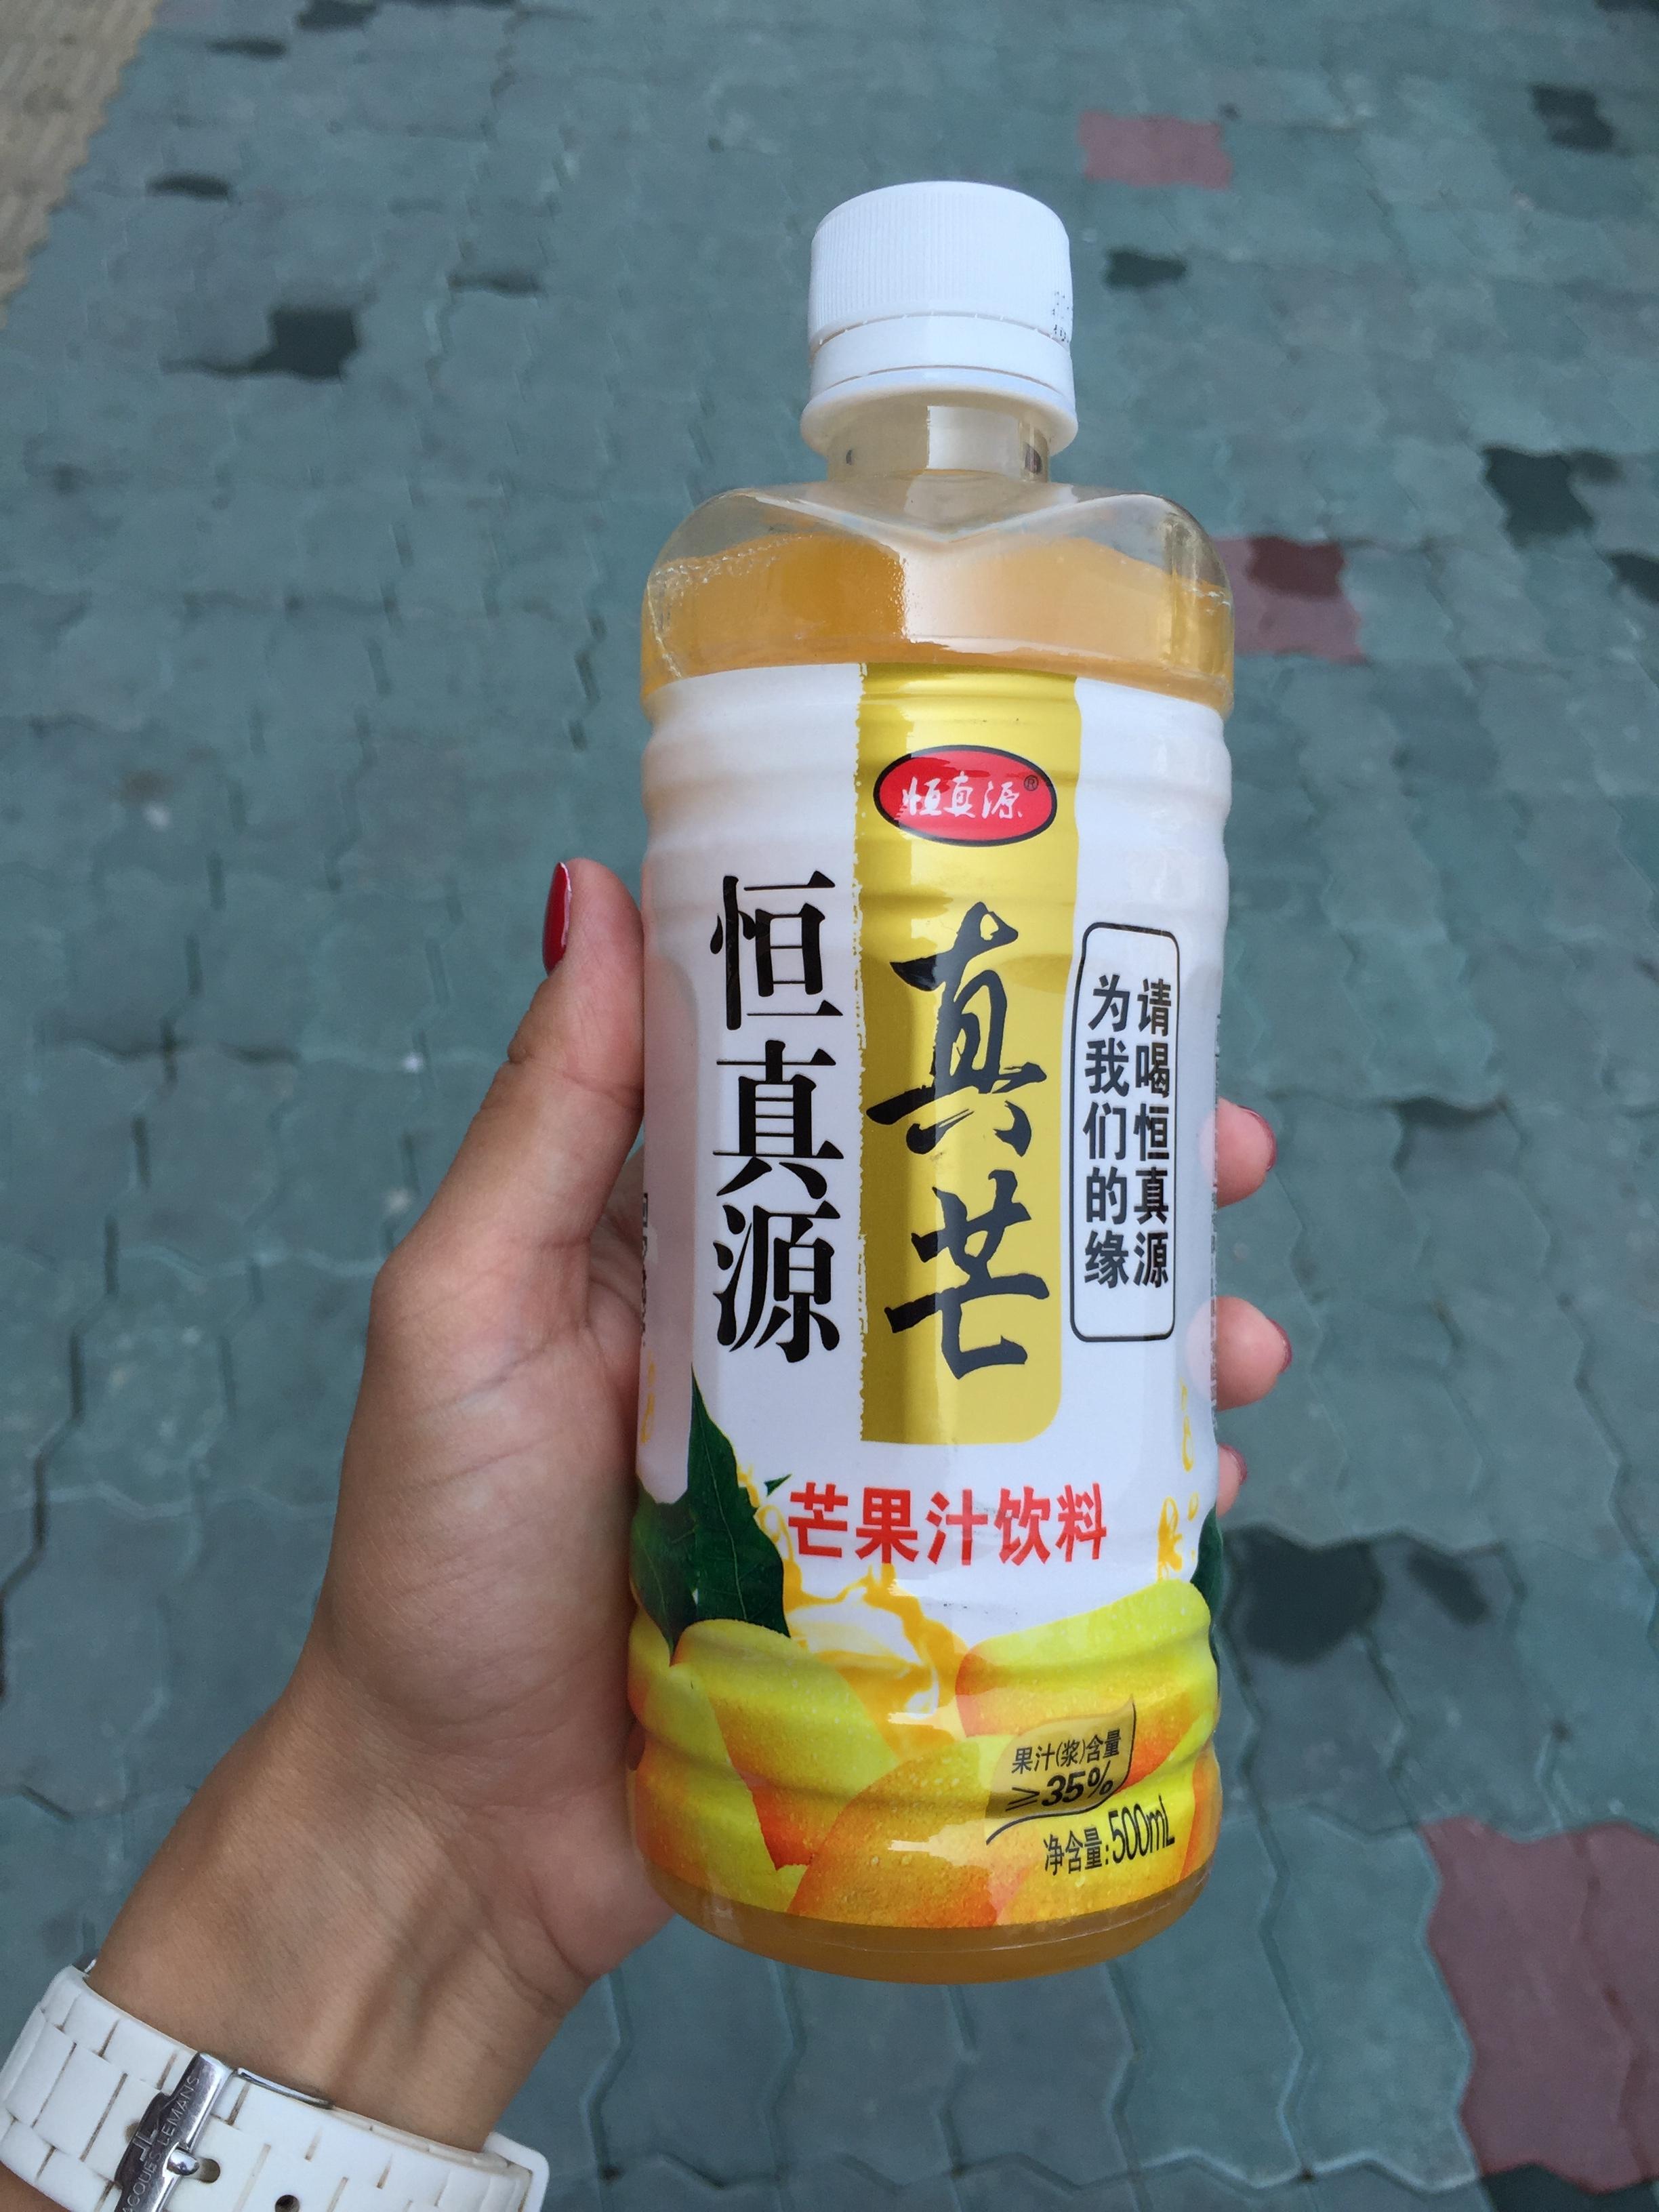 Сок манго за 4 юаня